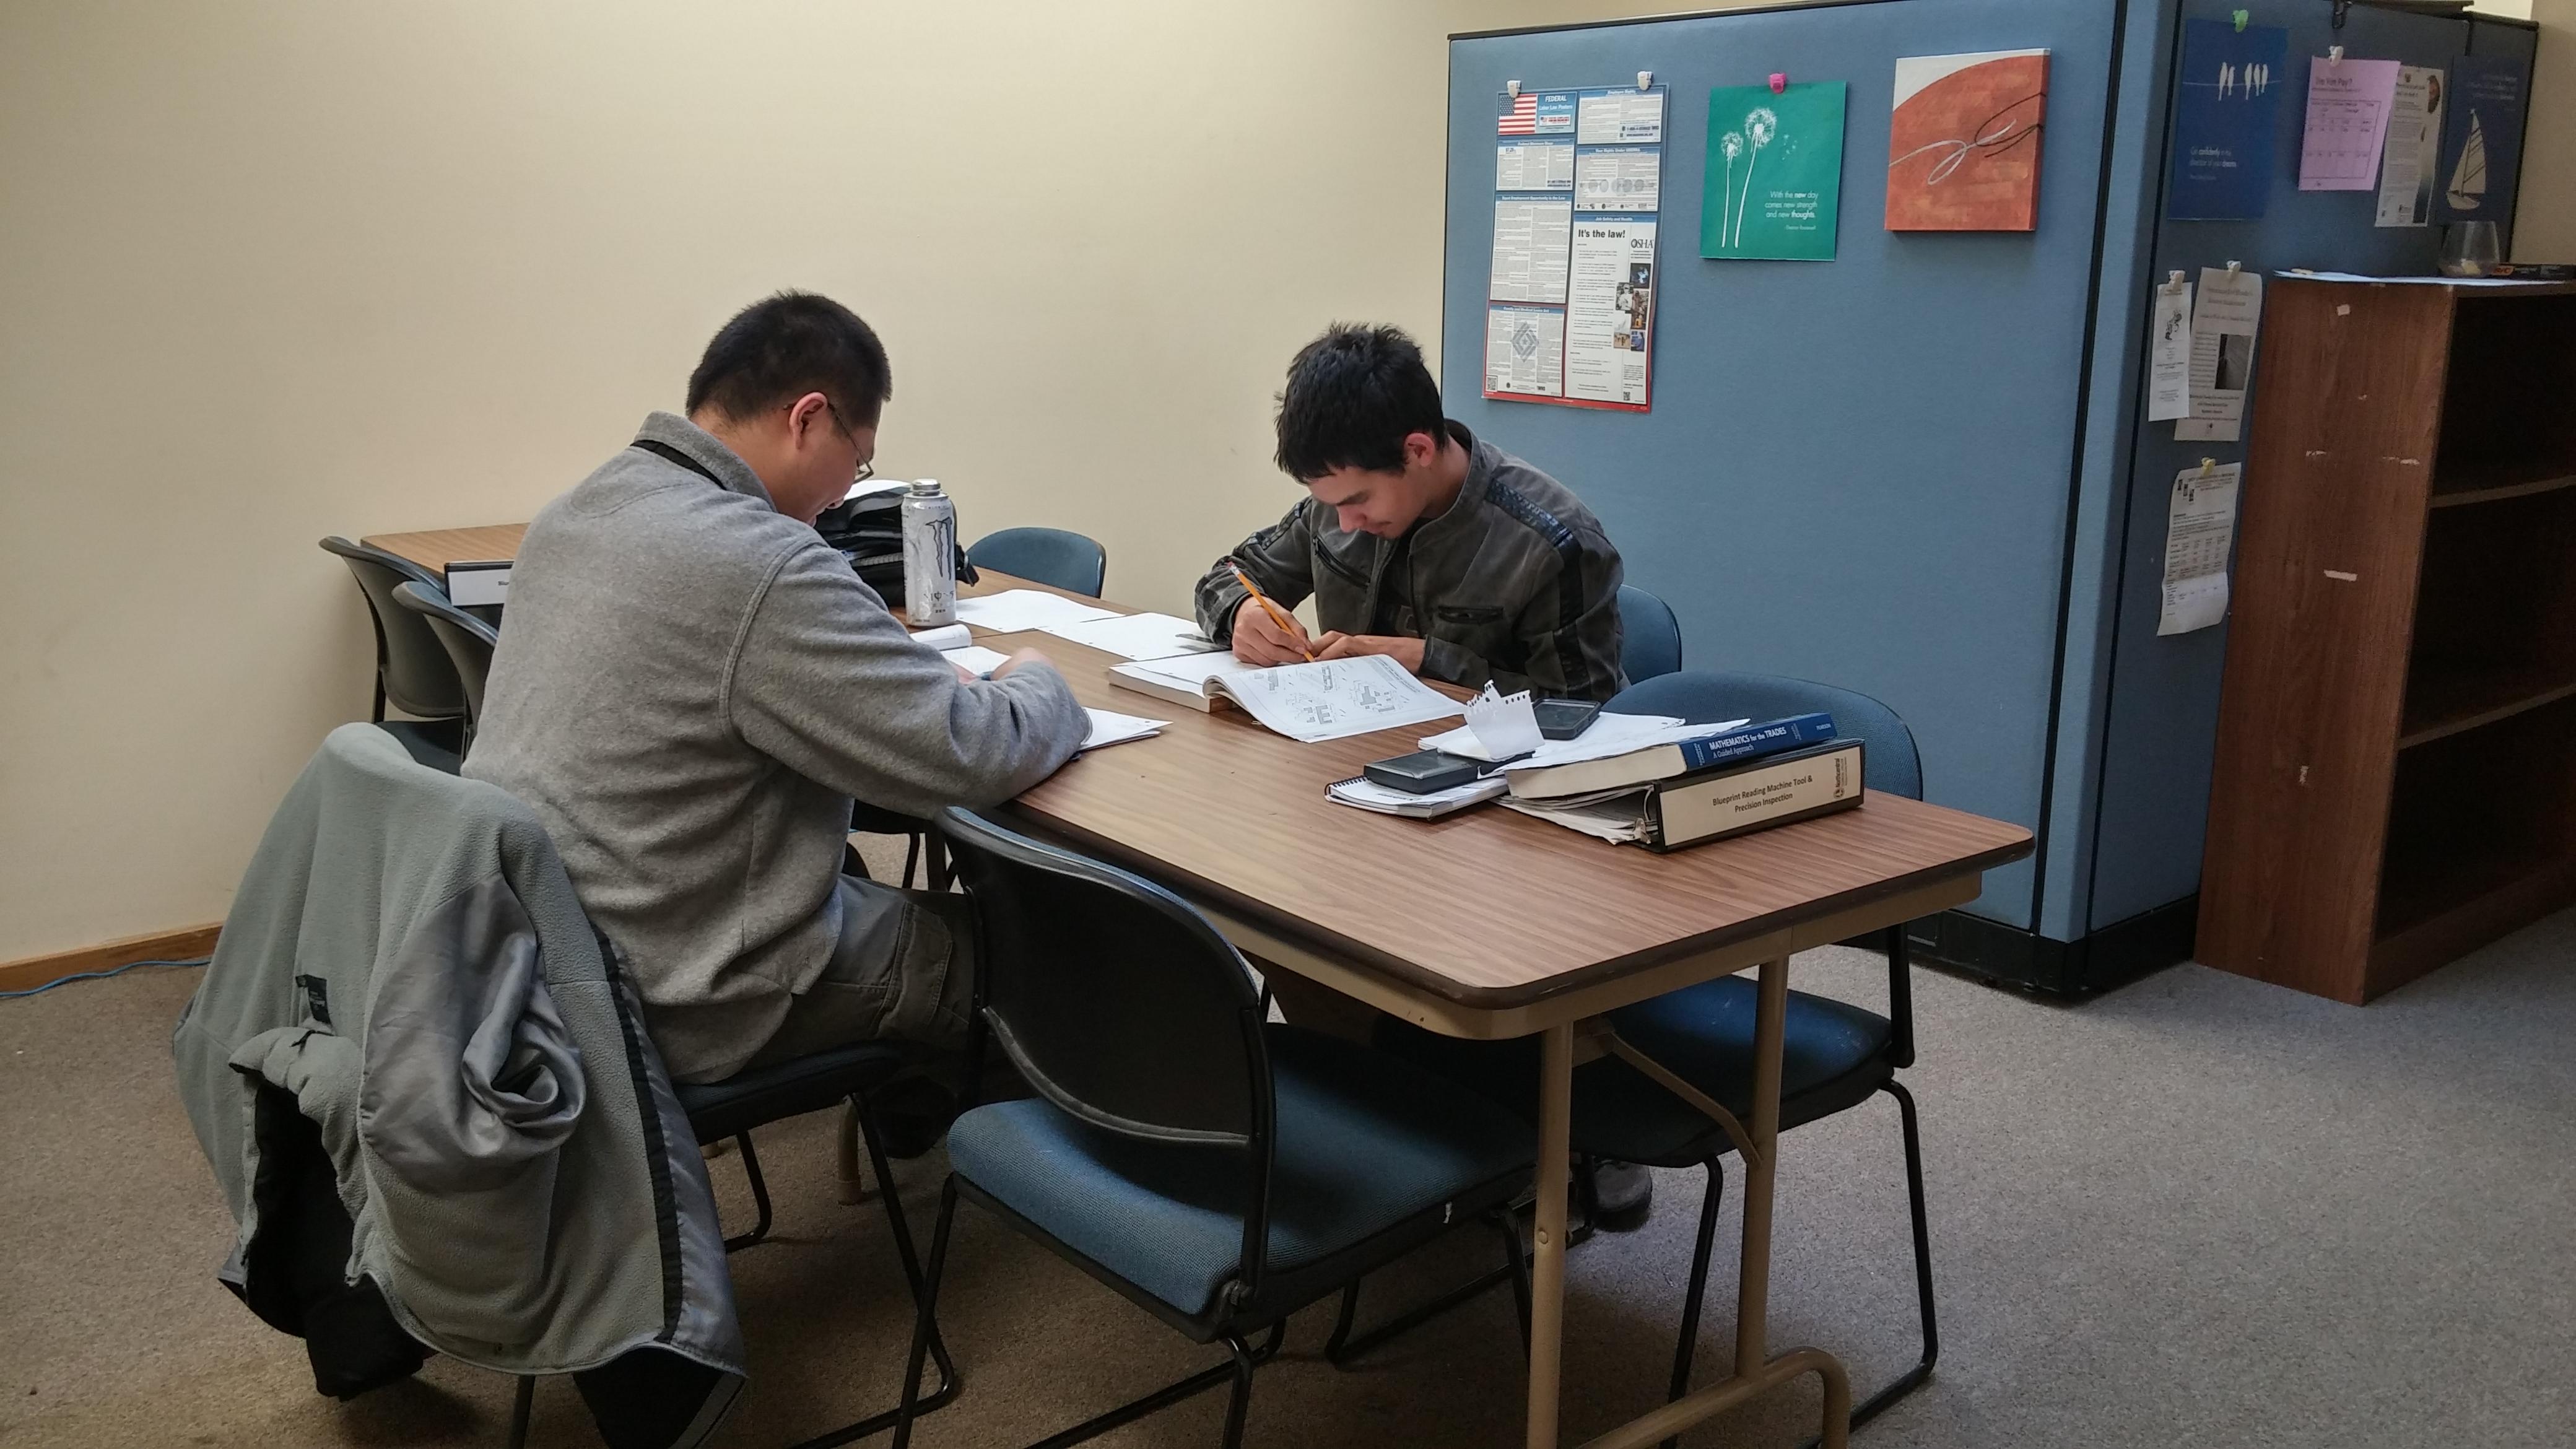 William tutoring WIOA